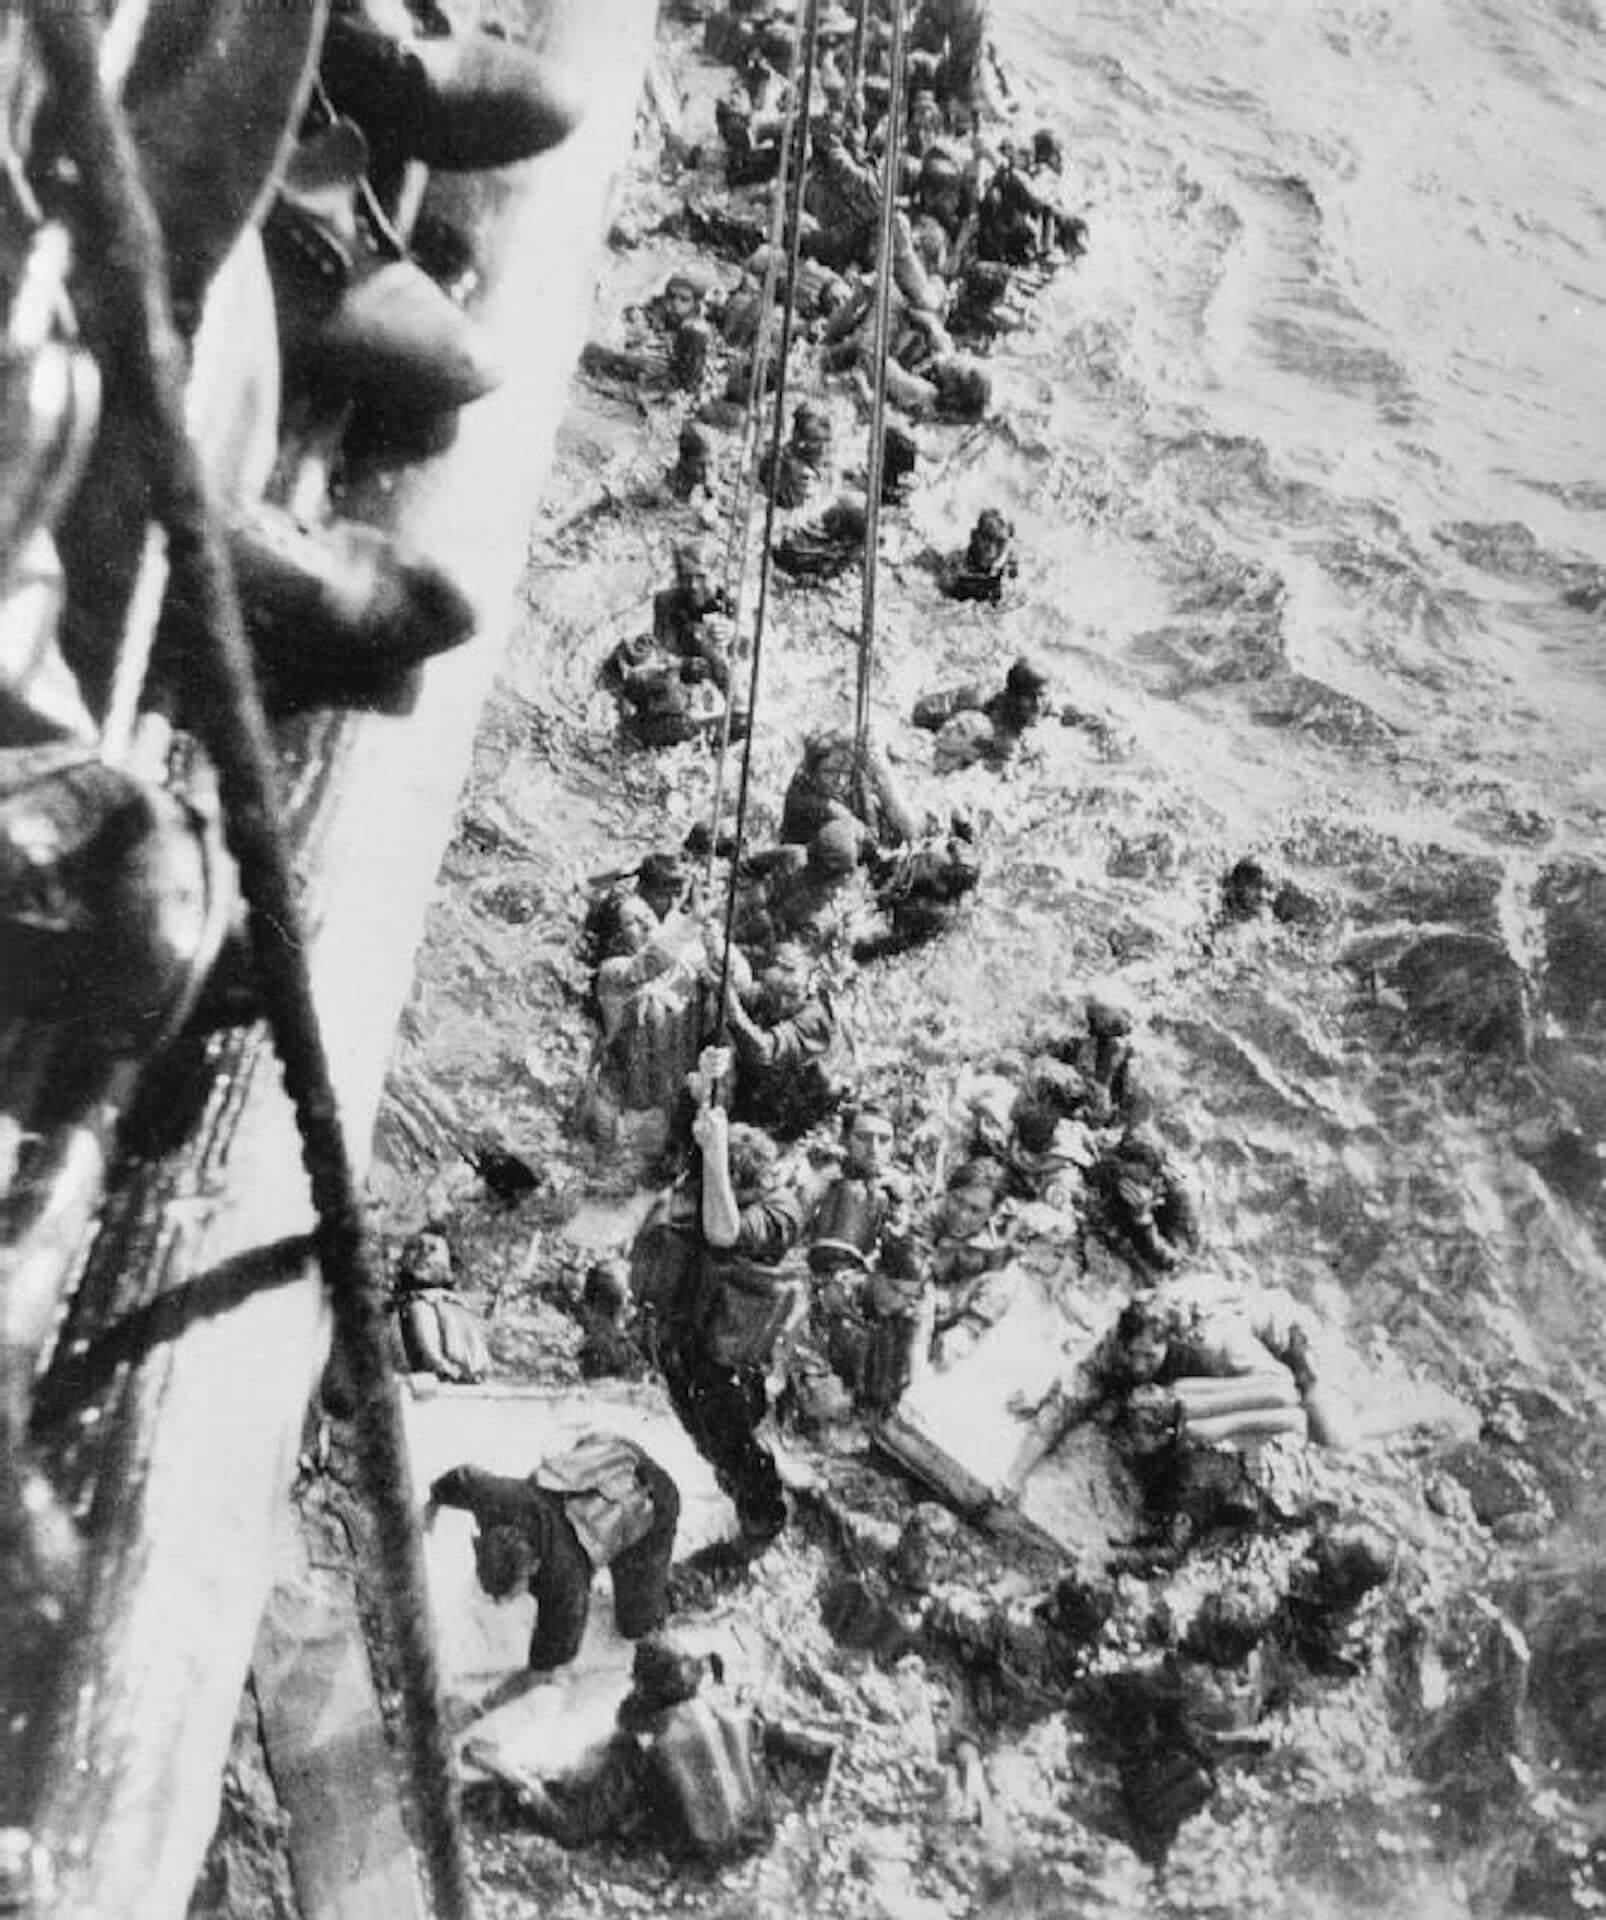 Supervivientes acorazado Bismarck